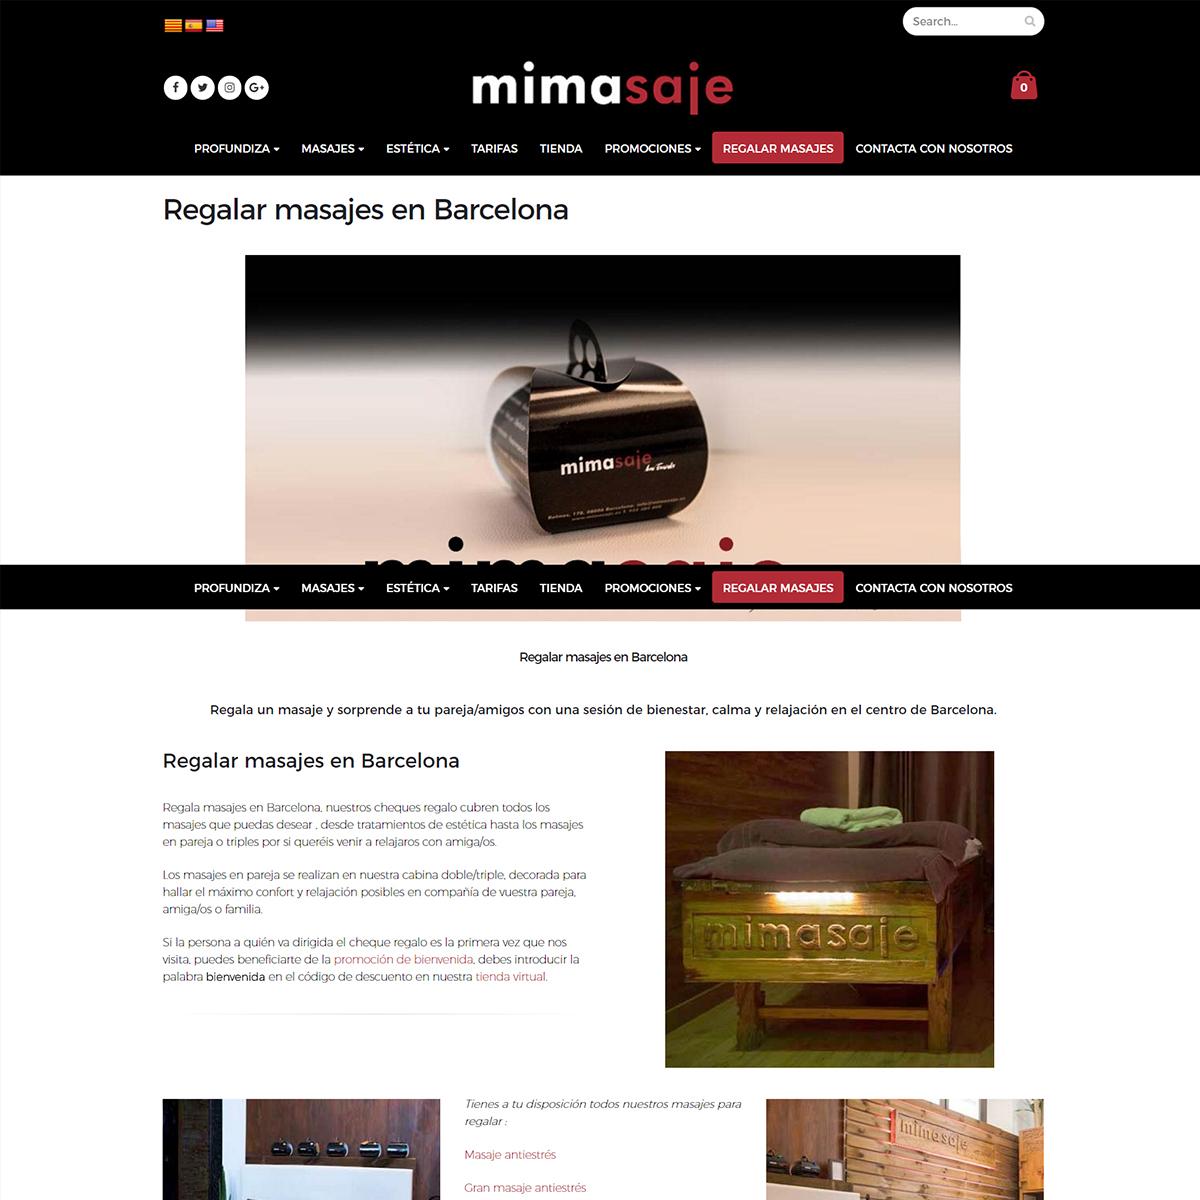 mimasaje_apartat